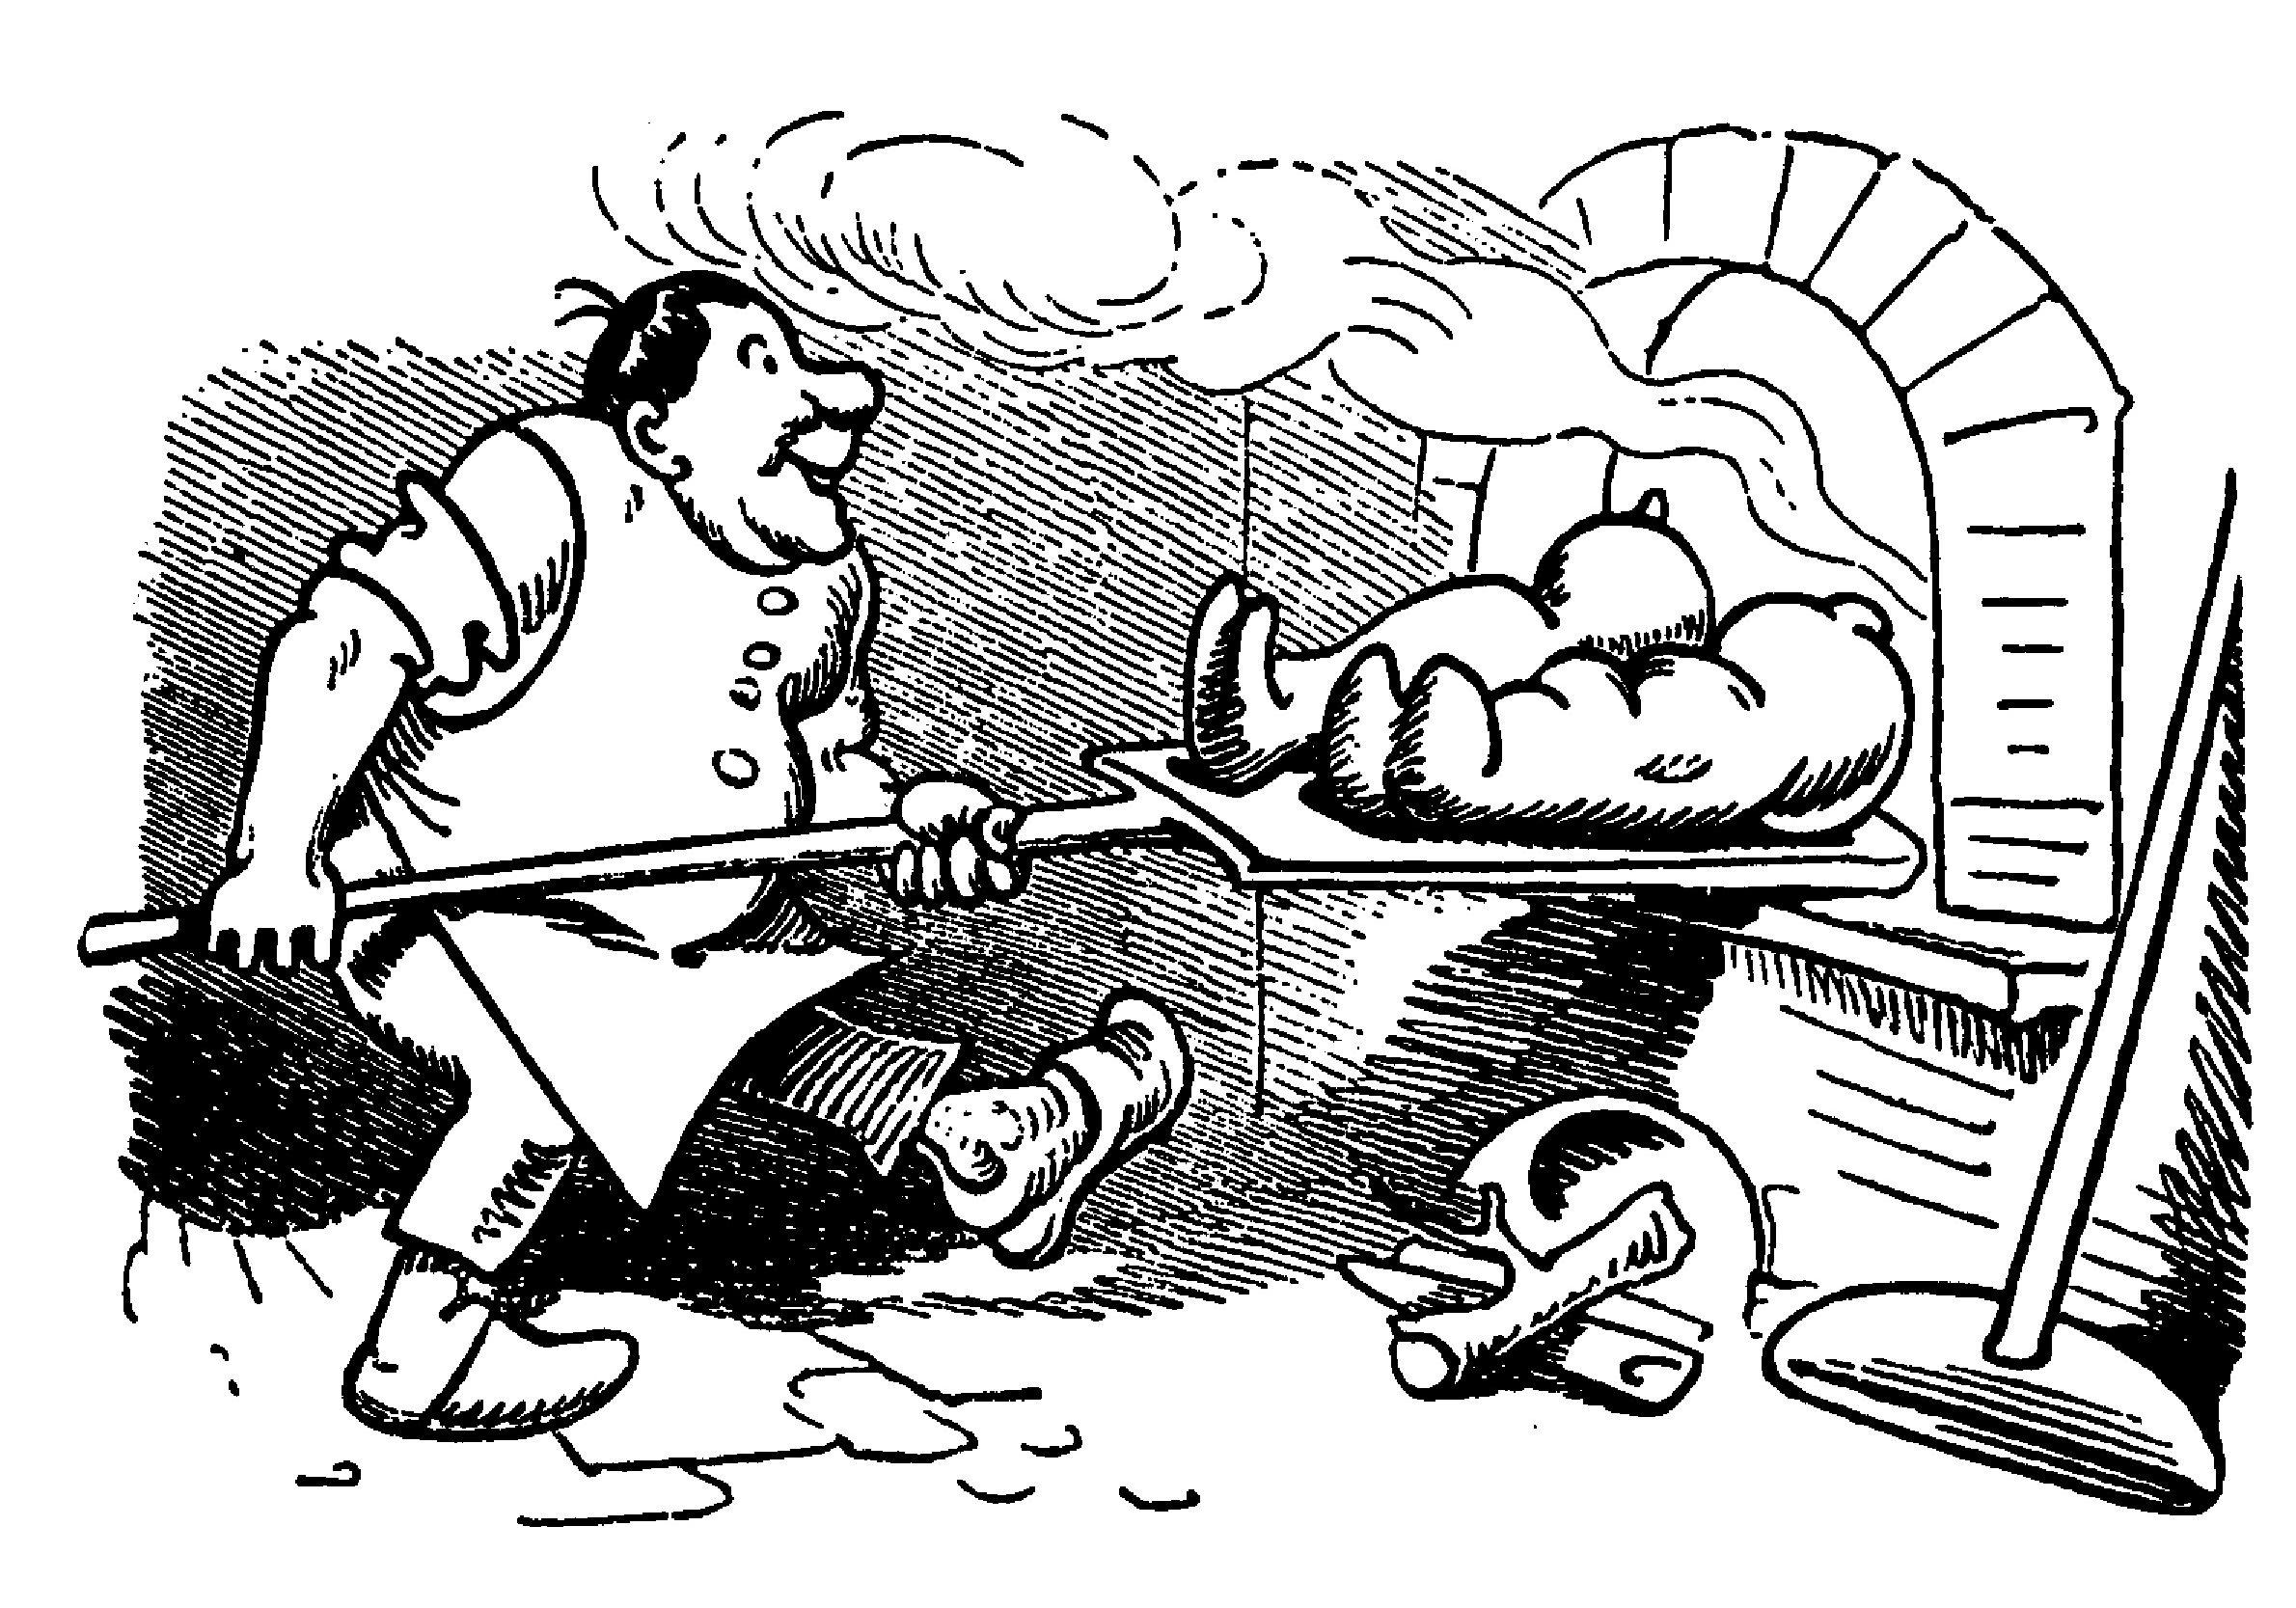 Max und Moritz: Bäcker am Ofen (6. Streich)